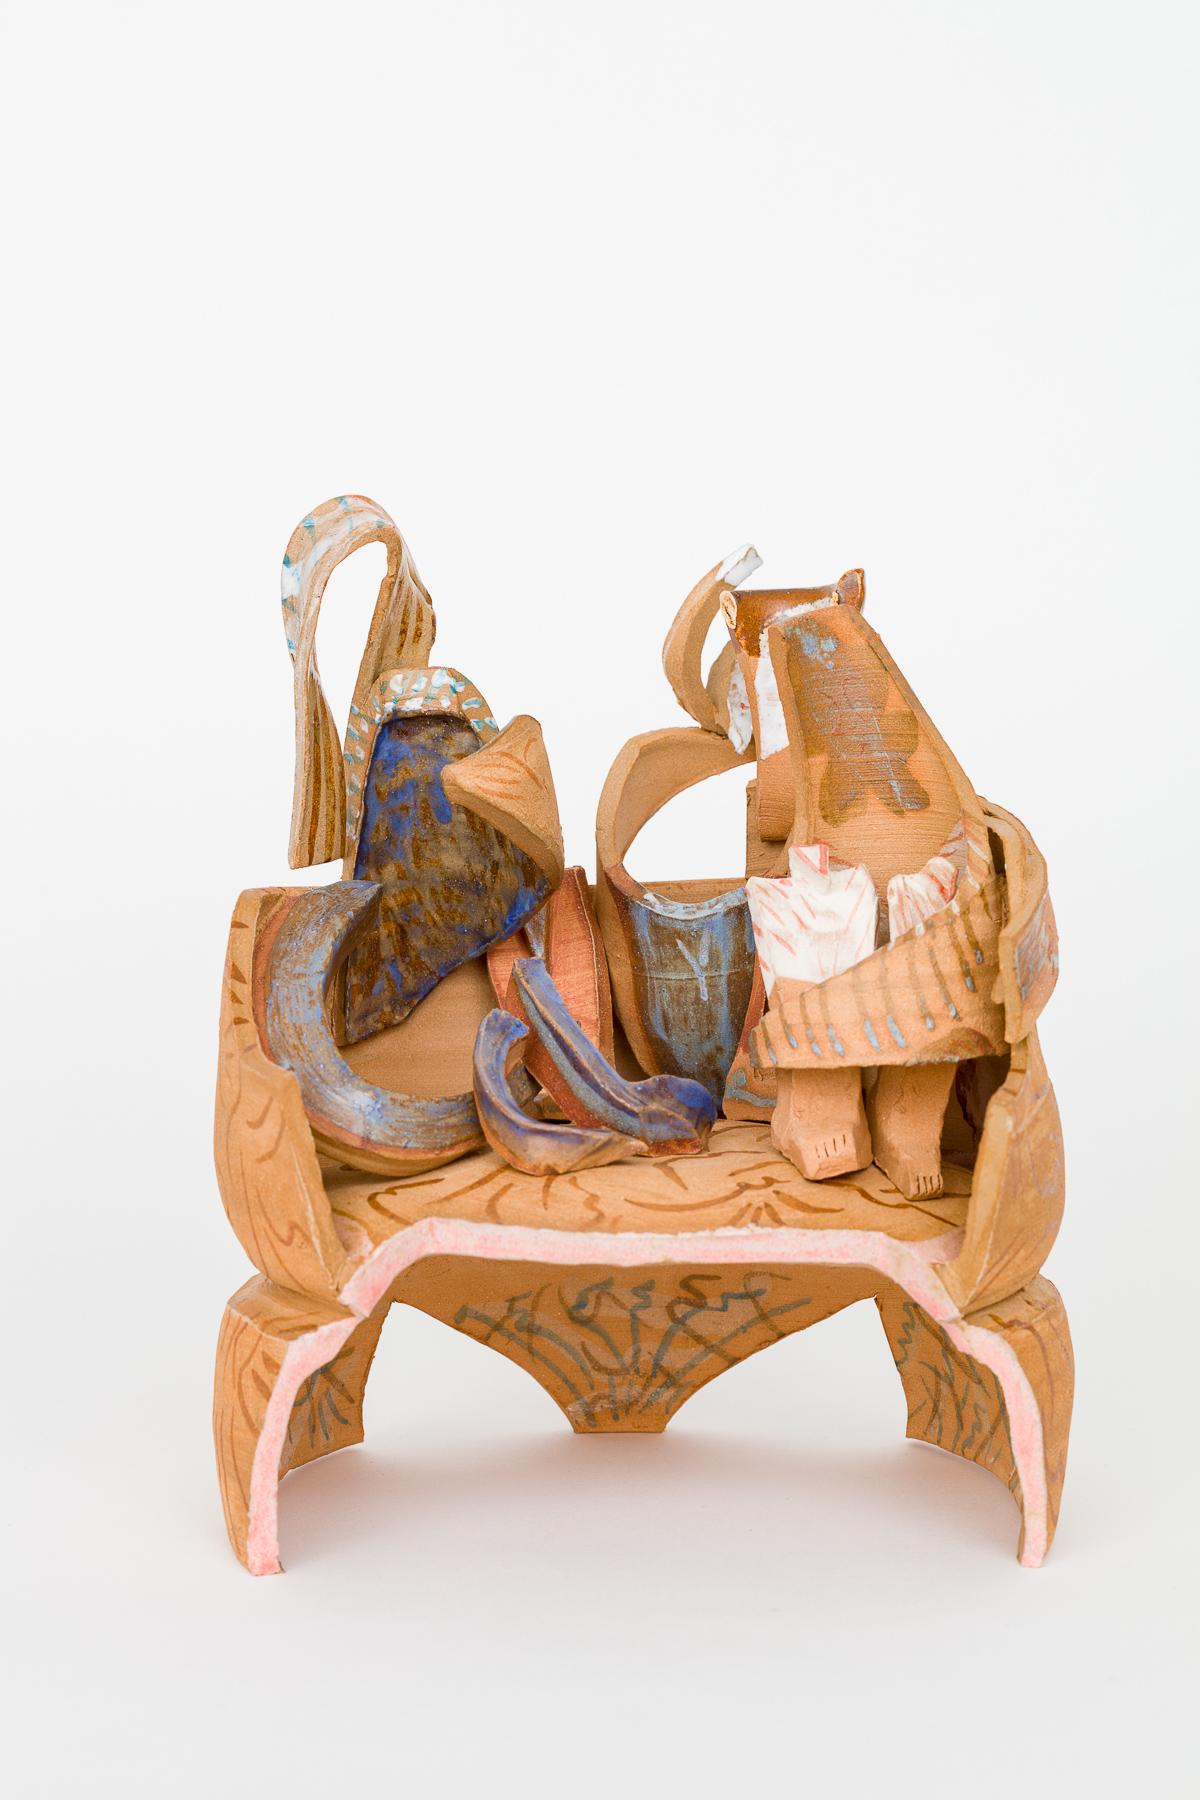 Anna Schachinger_Keramikskulpturen_bykunstdokumentationcom_4.jpg